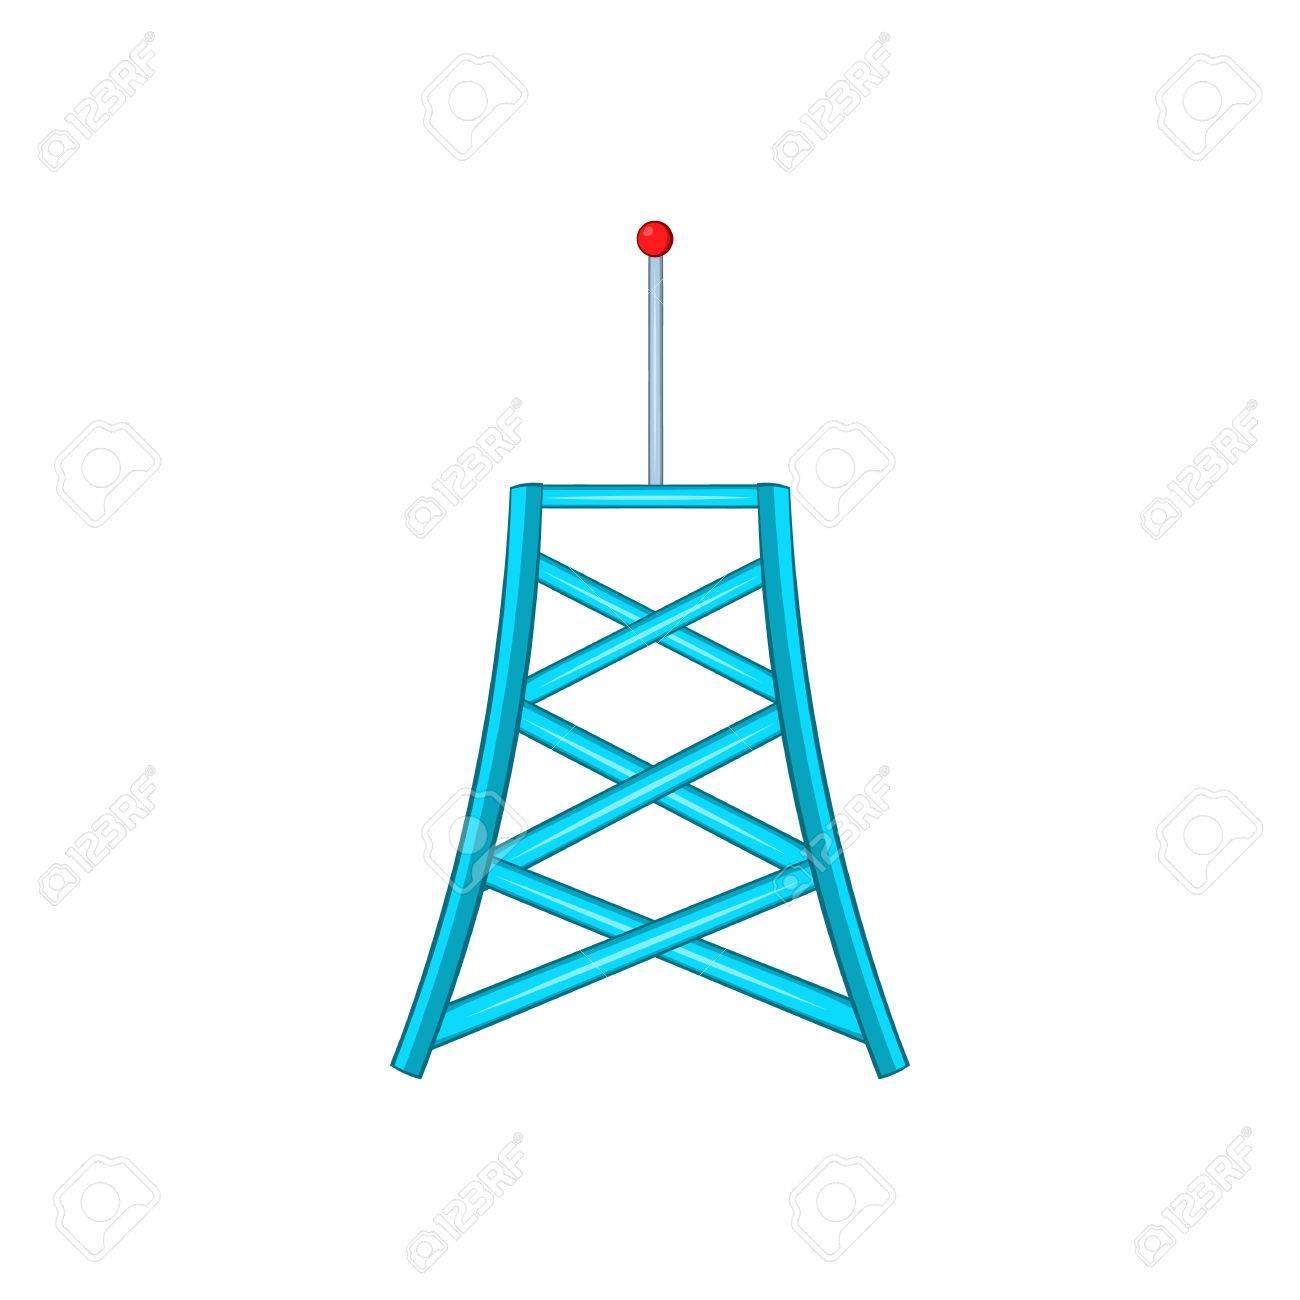 Drahtlose Verbindung Turm Symbol Im Cartoon-Stil Auf Einem Weißen ...